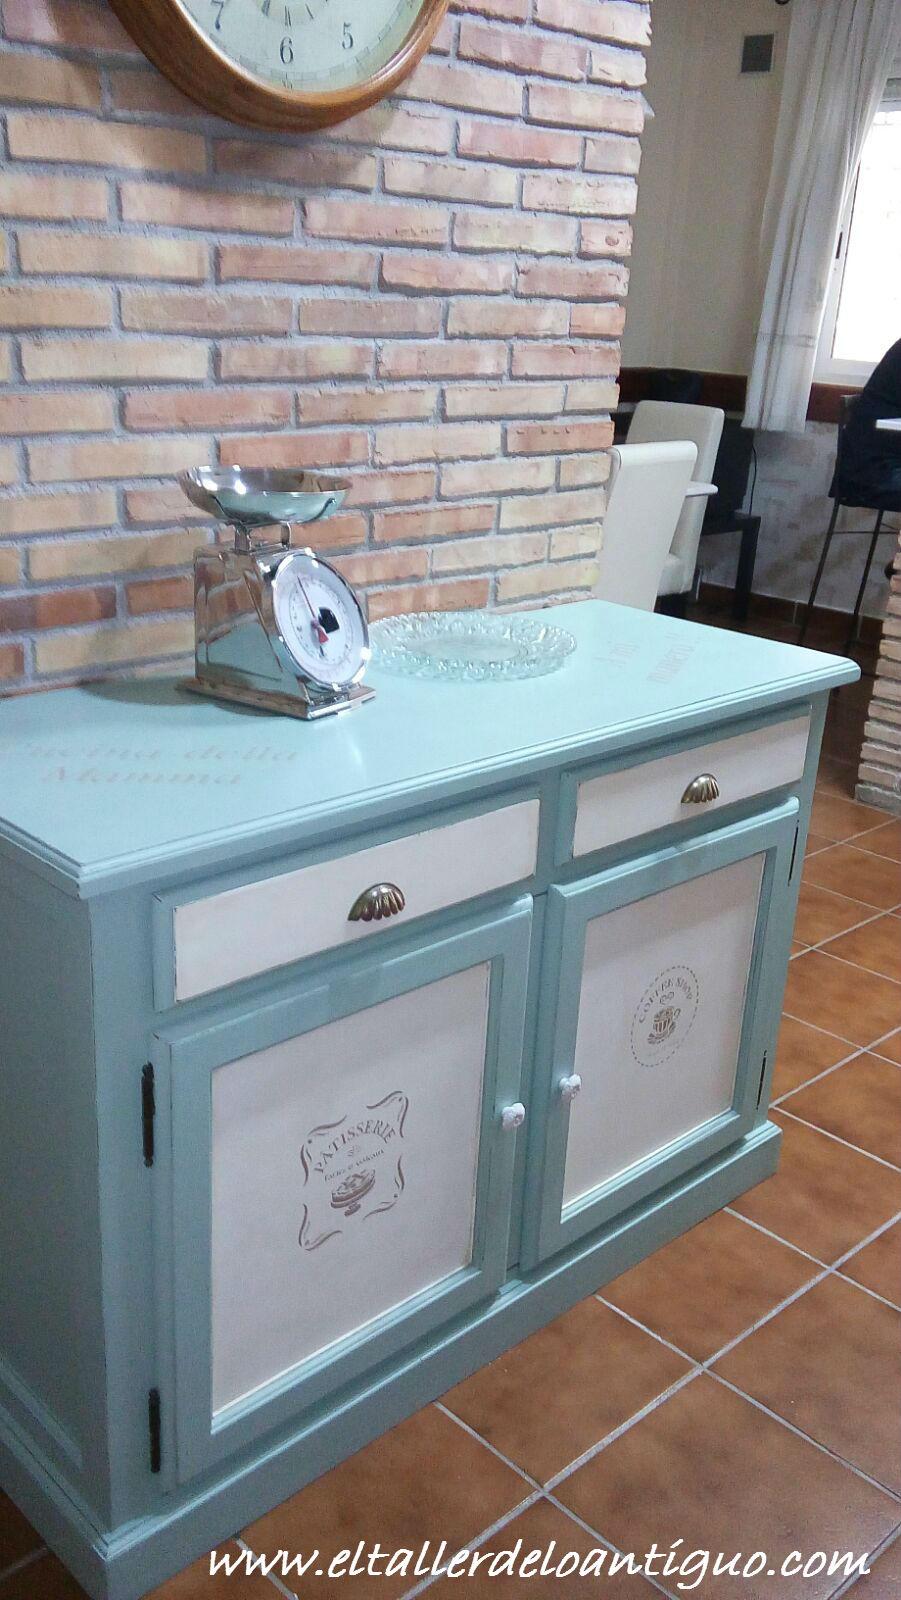 Pintar mueble de cocina el taller de lo antiguo - Pintar muebles antiguos en blanco ...